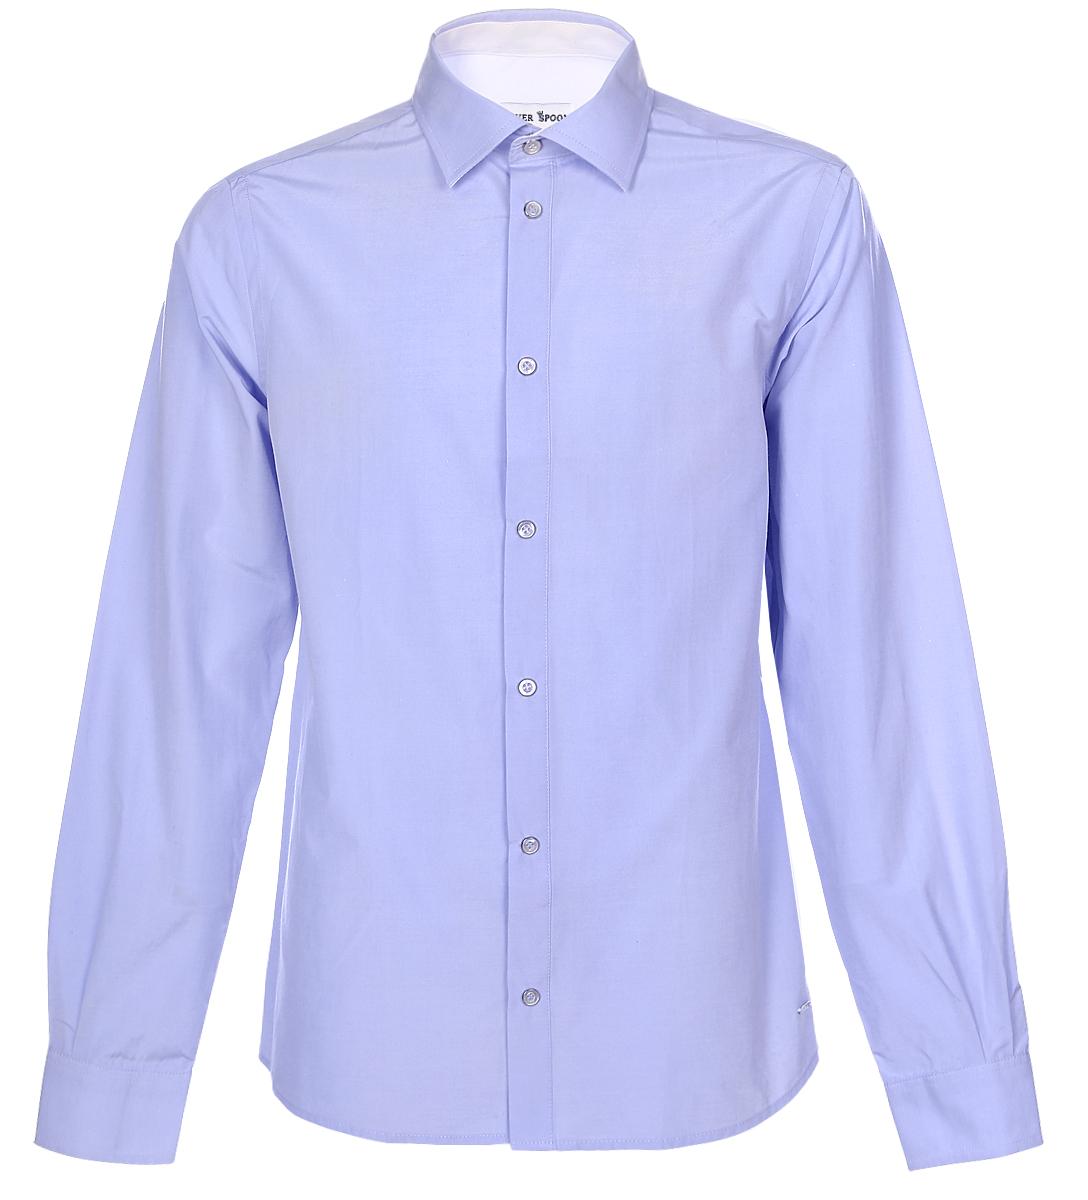 SSFSB-629-13831-338Стильная рубашка Silver Spoon станет отличным дополнением к школьному гардеробу вашего мальчика. Модель, выполненная из хлопка с добавлением полиэстера, необычайно мягкая и приятная на ощупь, не сковывает движения и позволяет коже дышать. Рубашка классического кроя с длинными рукавами и отложным воротником застегивается на пуговицы по всей длине. На манжетах предусмотрены застежки-пуговицы.